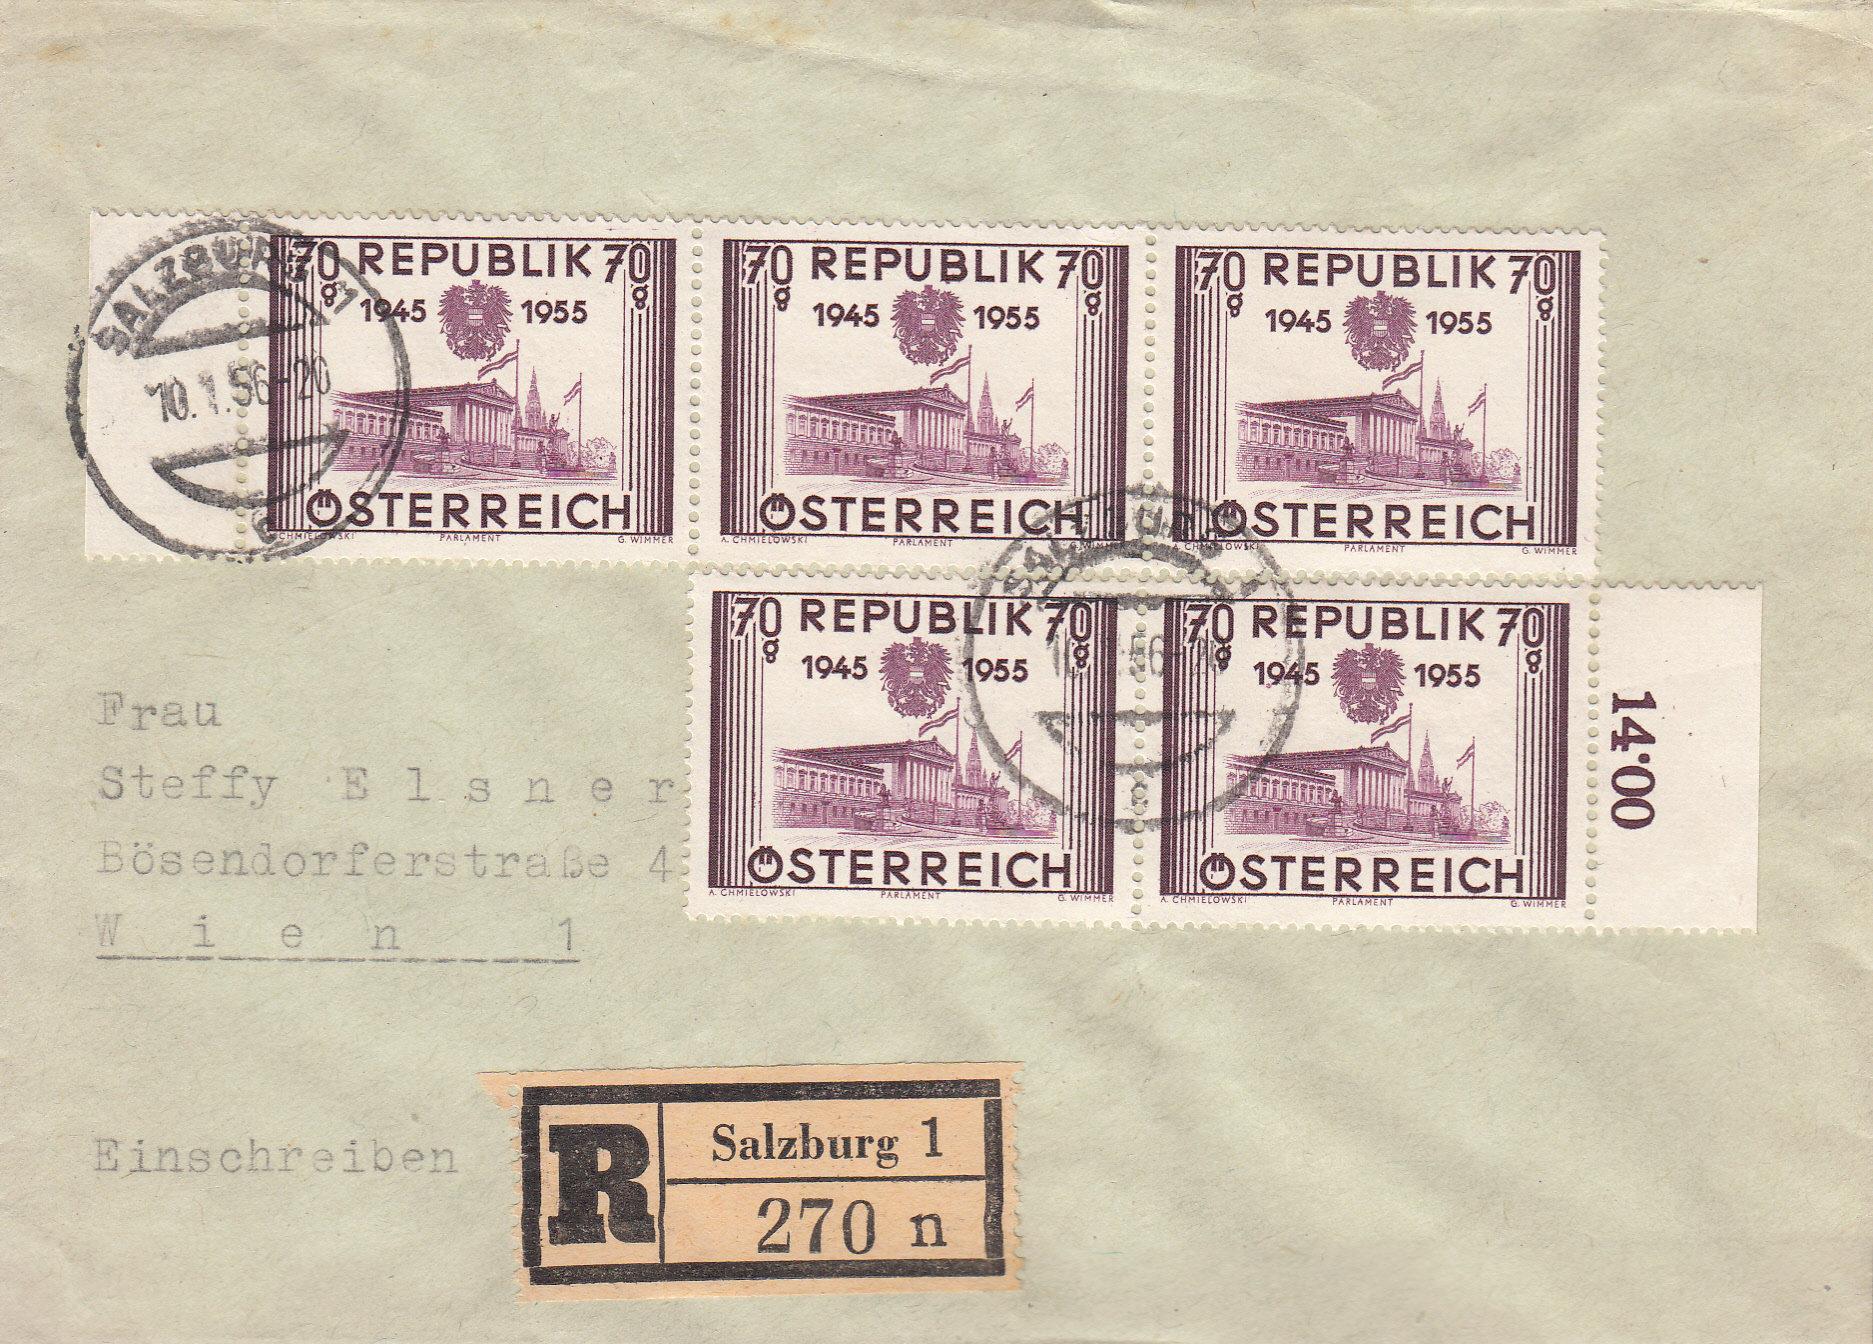 Sammlung Bedarfsbriefe Österreich ab 1945 - Seite 14 Img283